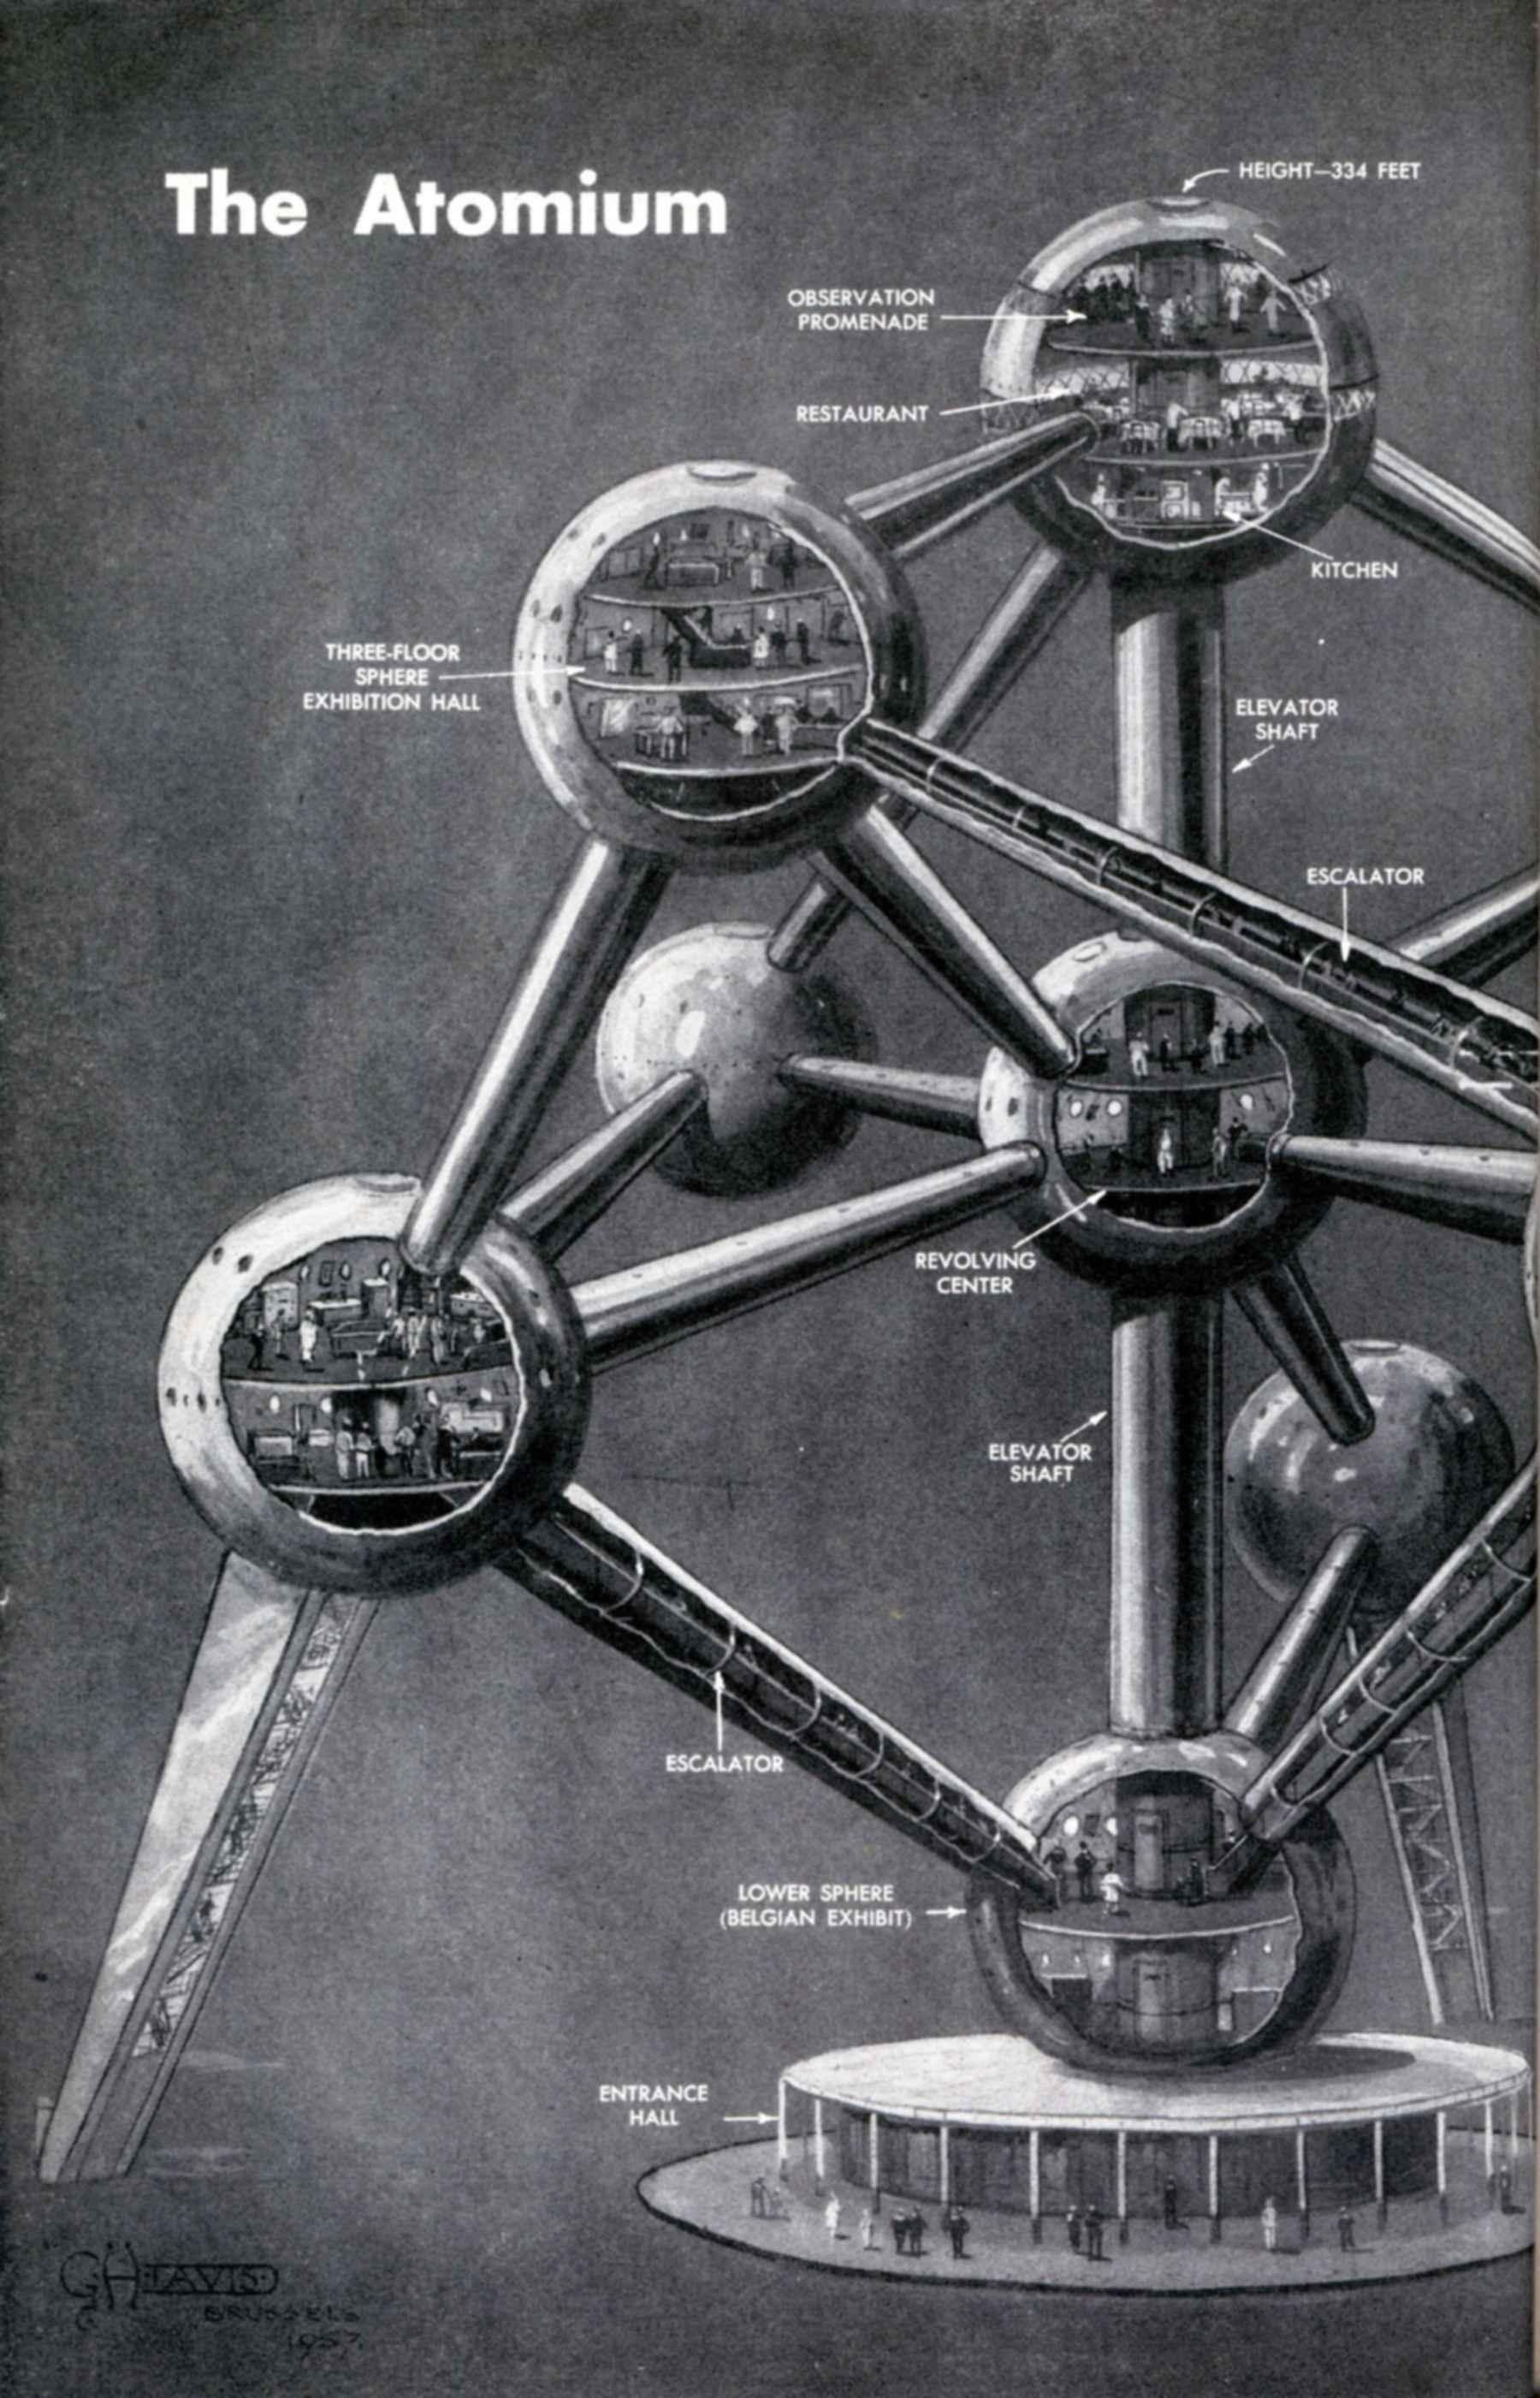 The Atomium - Concept Design